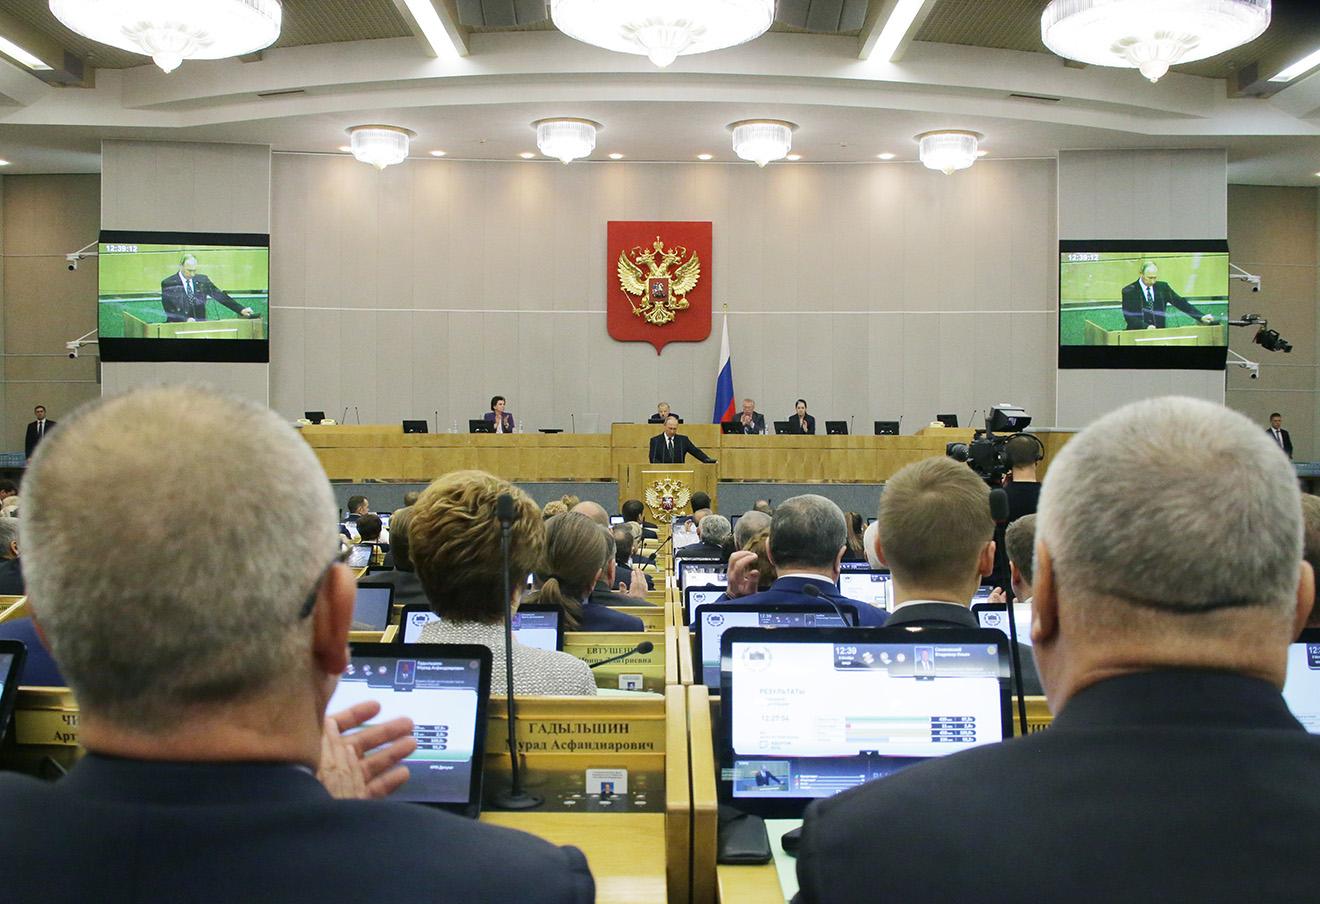 Первое заседание Государственной думы седьмого созыва, 5 октября 2016. Фото: Михаил Метцель / ТАСС